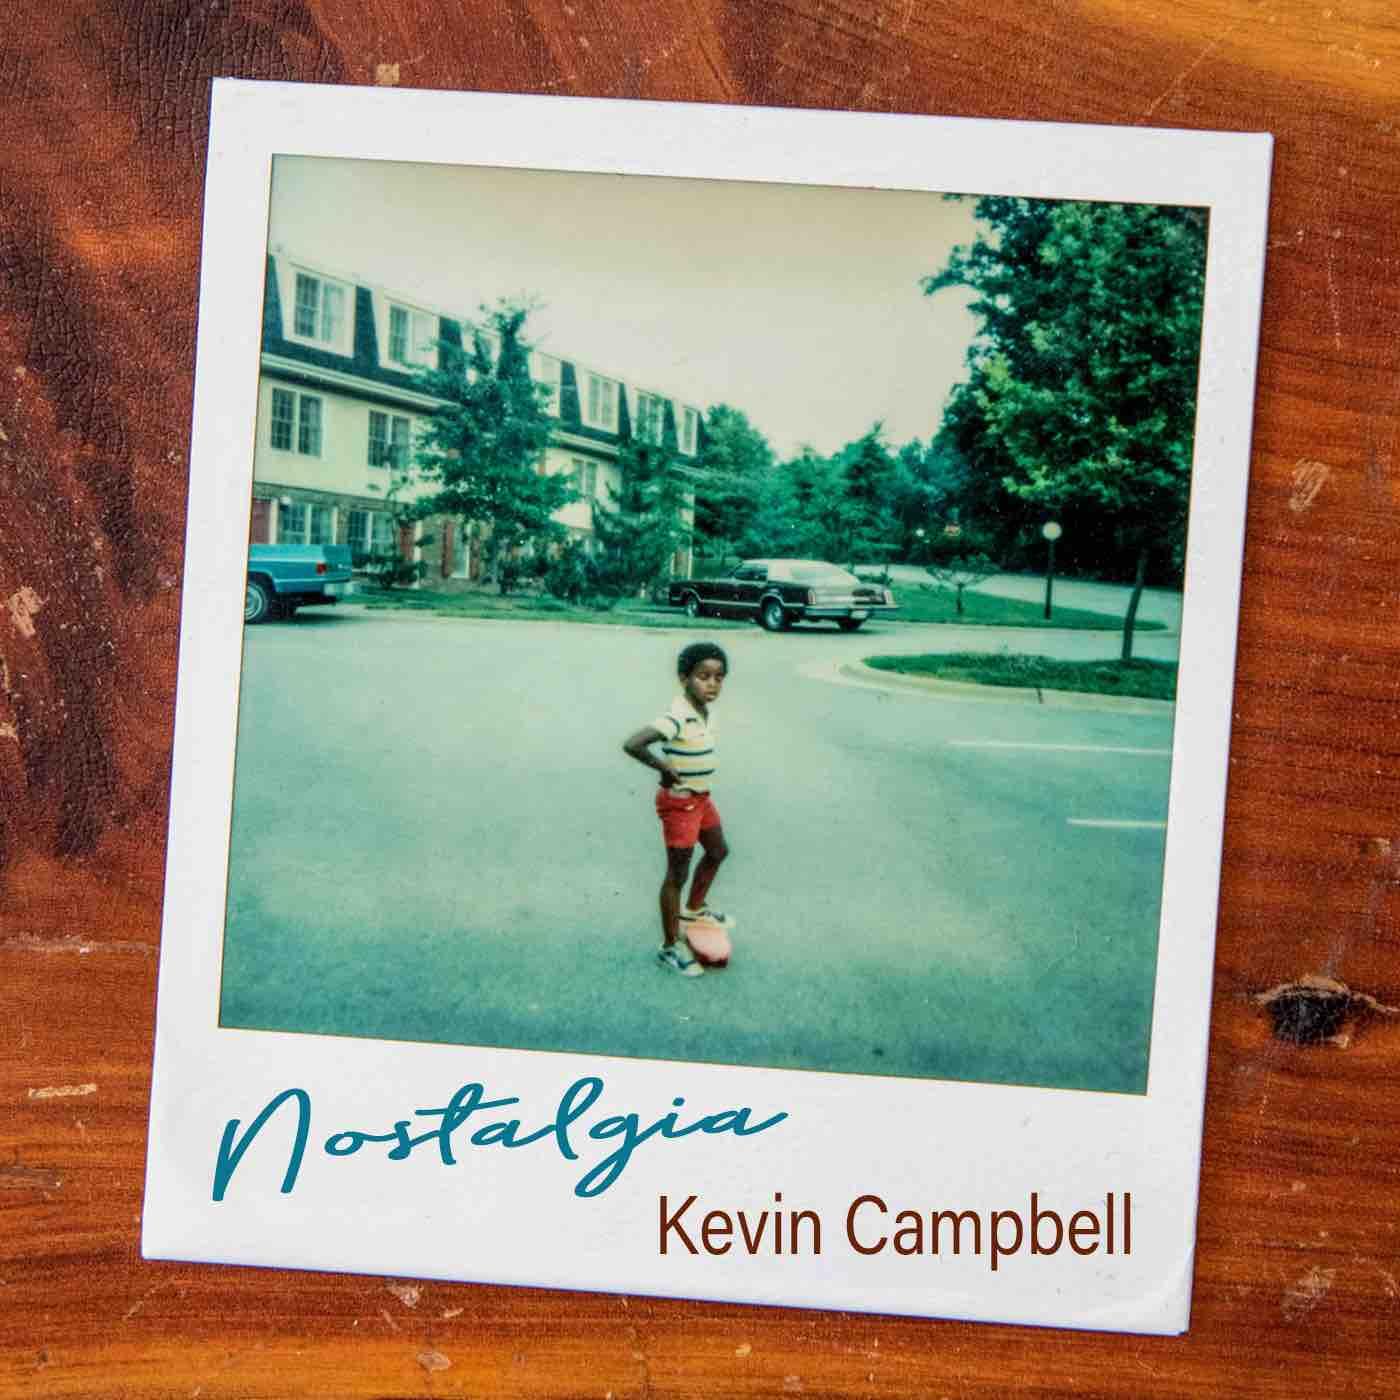 NOSTALGIA COVER lq.jpg